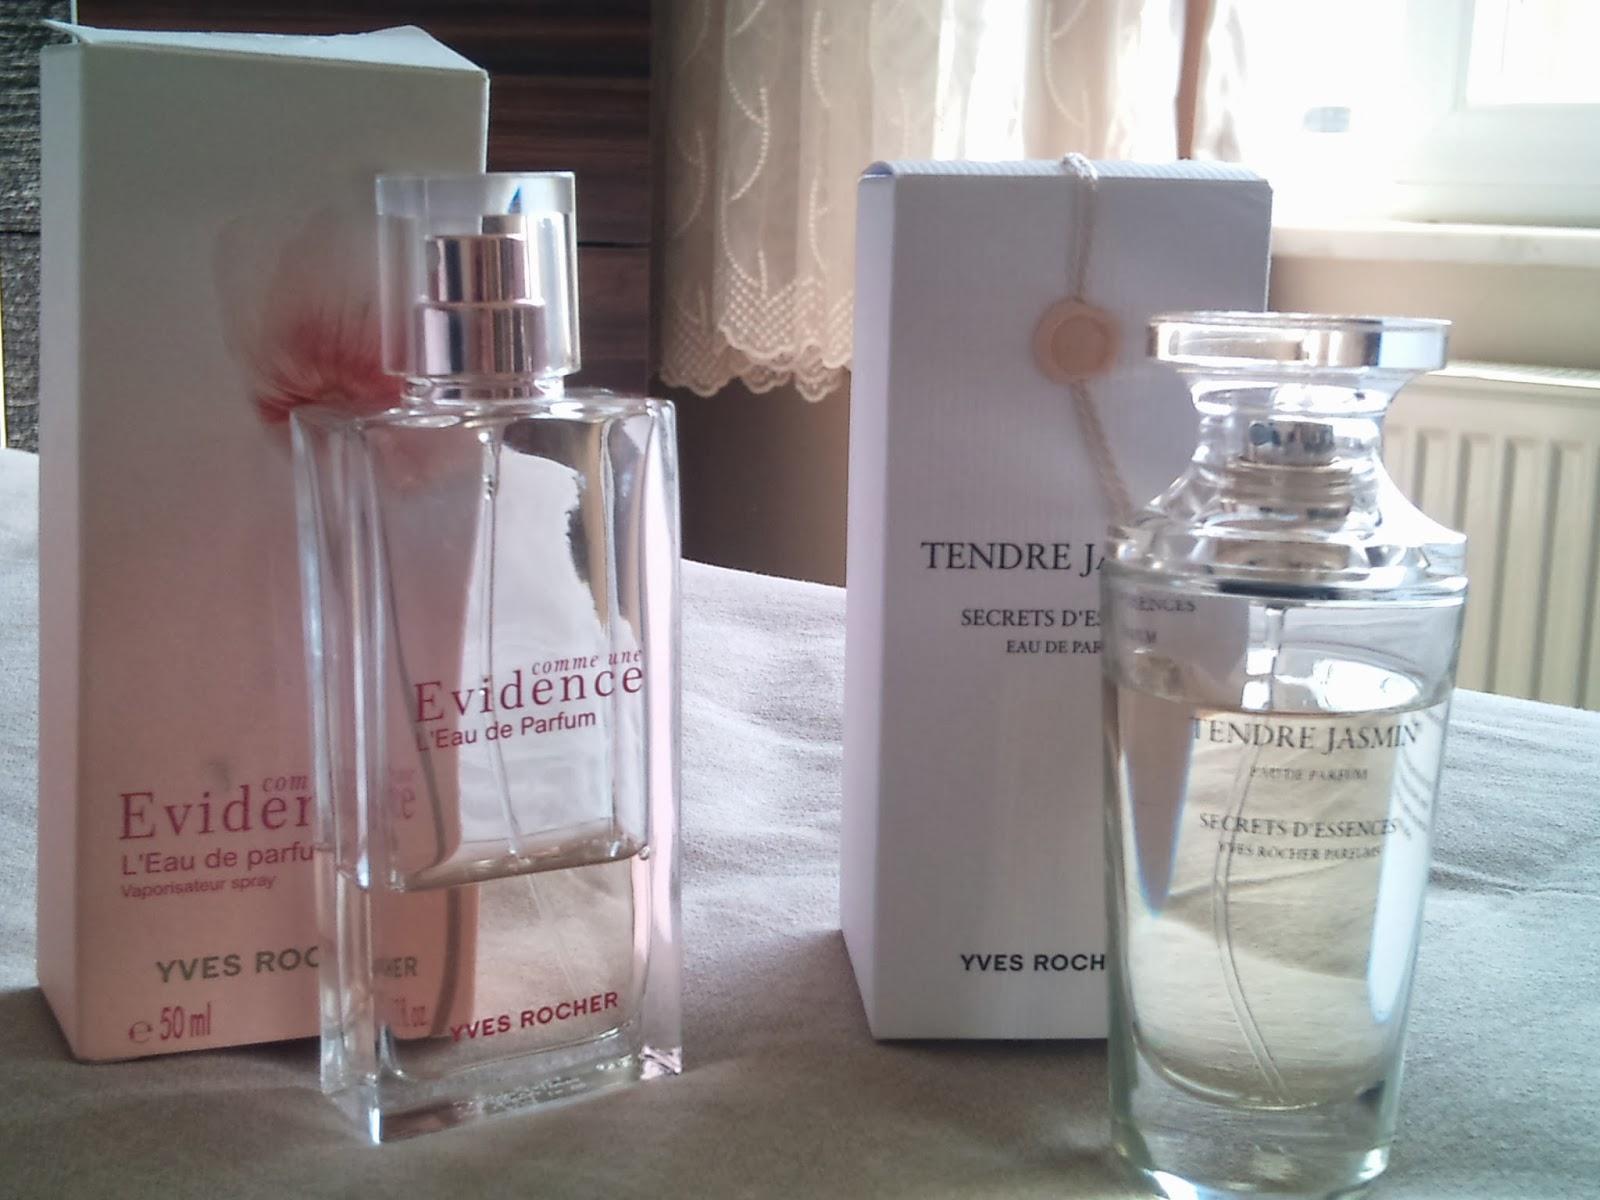 Kozmetik Ve Parfüm üzerine Tüm Deneyimlerim 2014